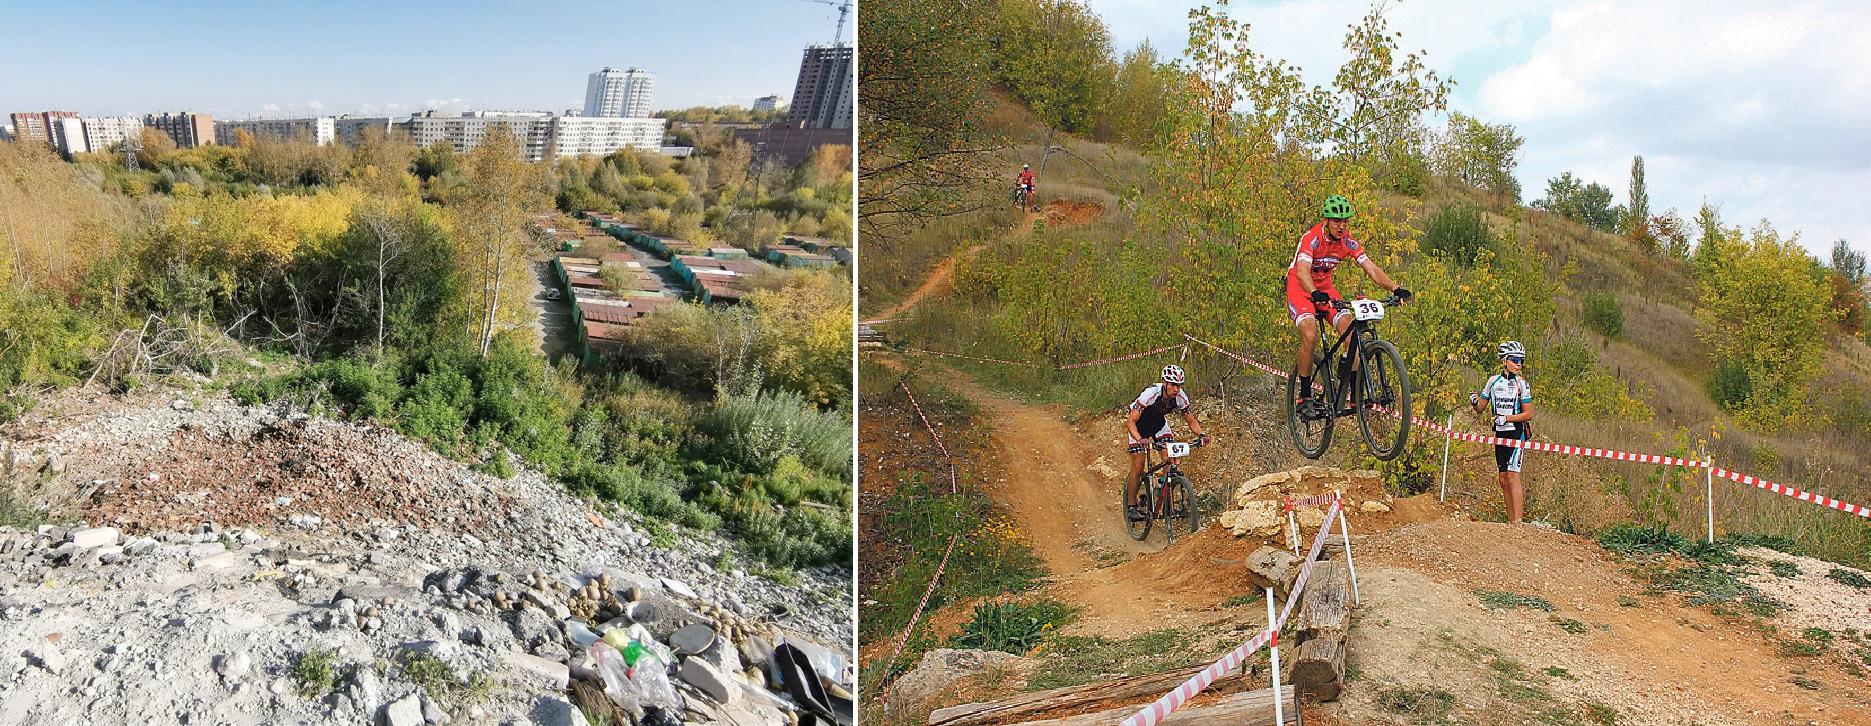 Огромная гора строительного мусора (слева) в будущем должна стать площадкой для экстремальных видов спорта, например, для гонок на горном велосипеде